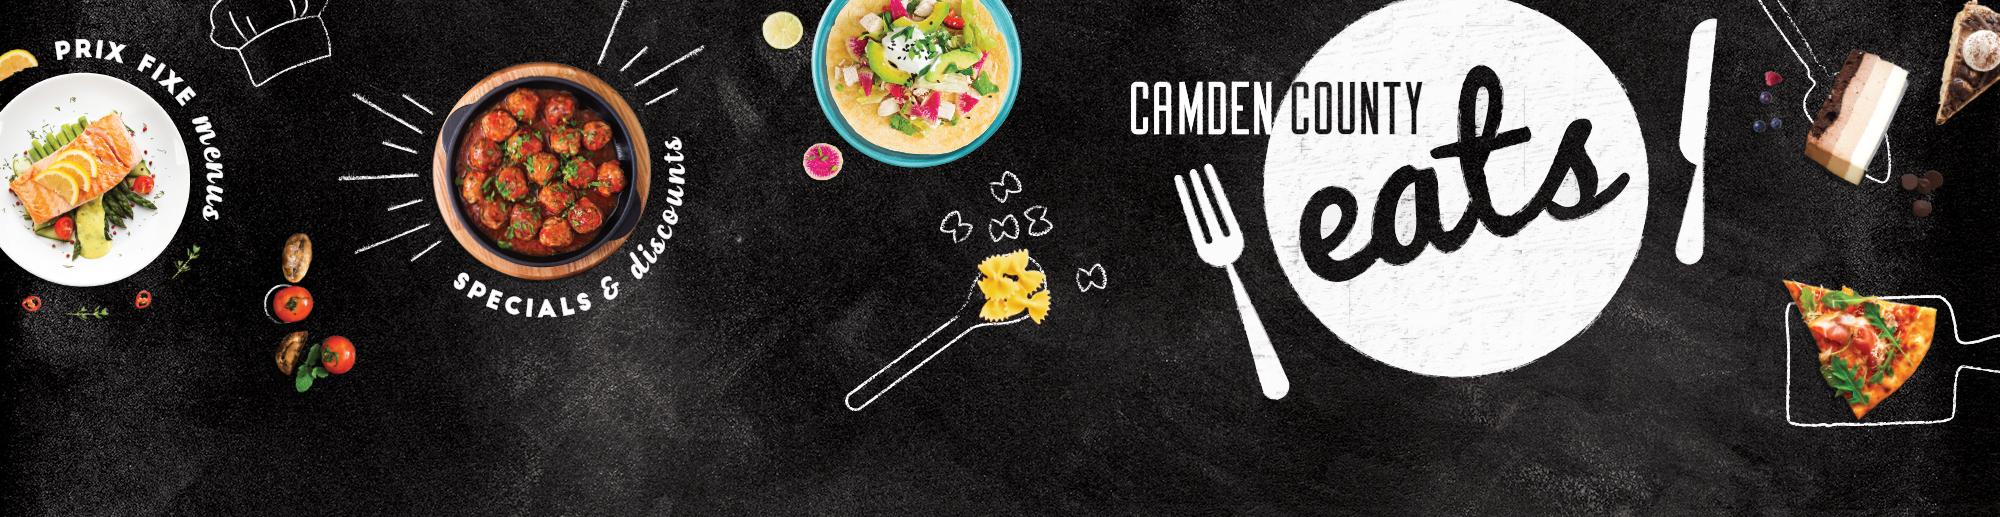 Camden County Eats!